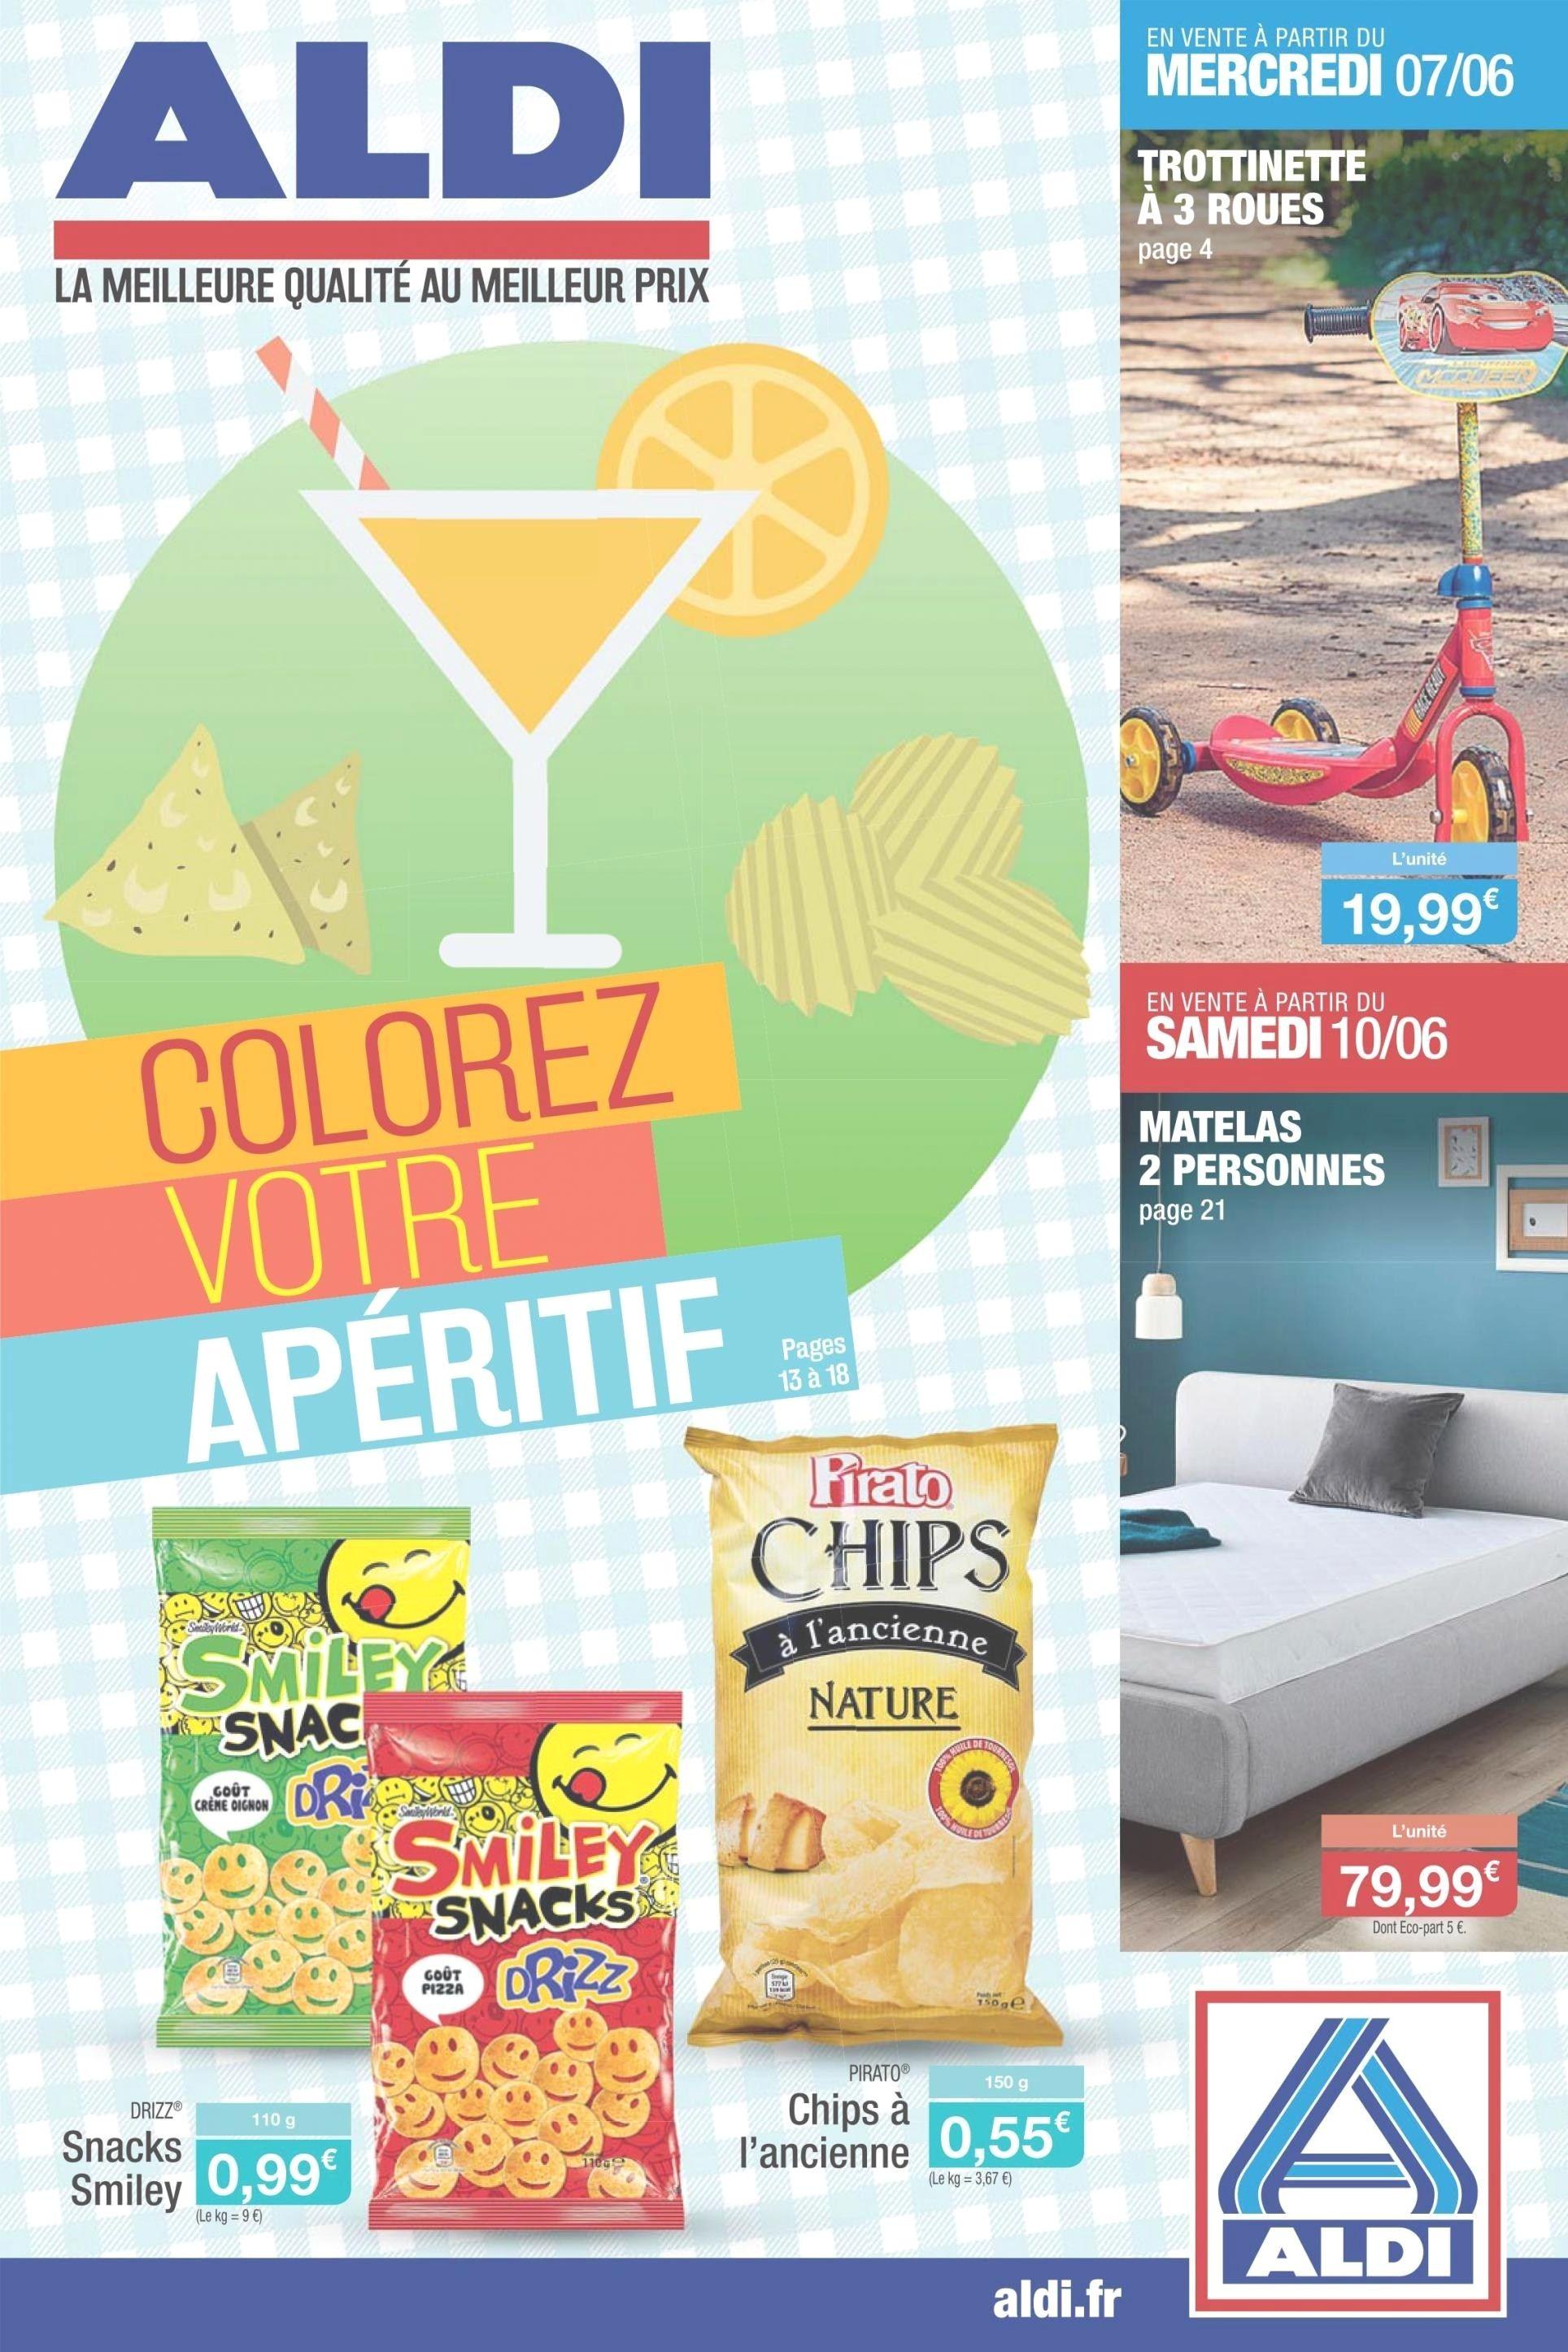 Salon De Jardin Babou Unique Image Lit De Jardin Pas Cher Meilleur De Babou Table Et Chaises De Jardin